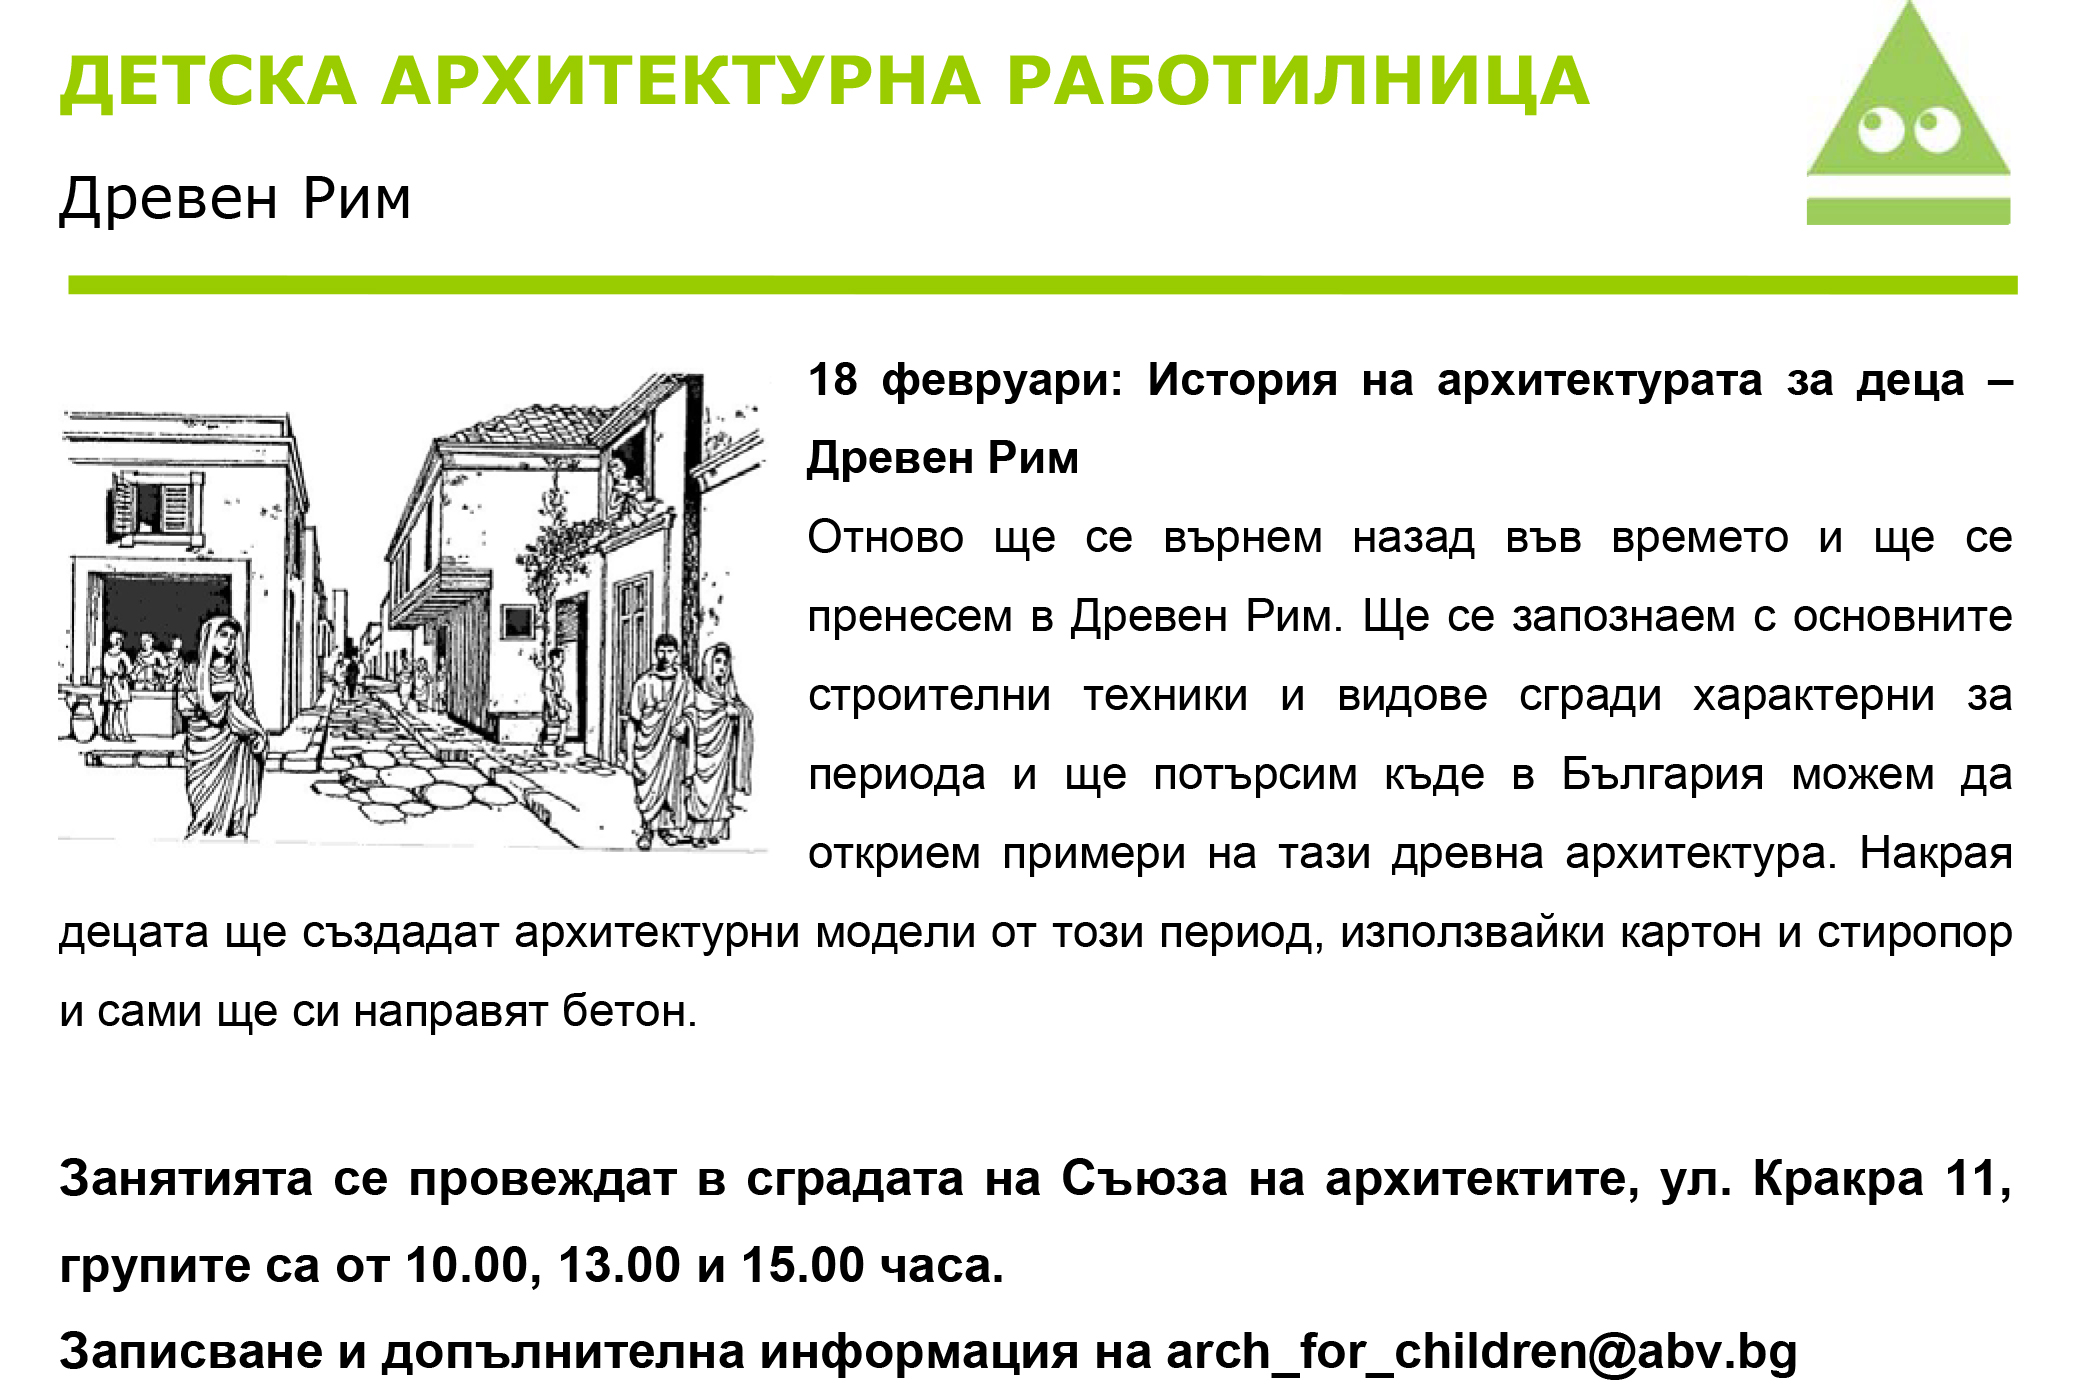 18 февруари 2017г - История на архитектурата за деца – Древен Рим